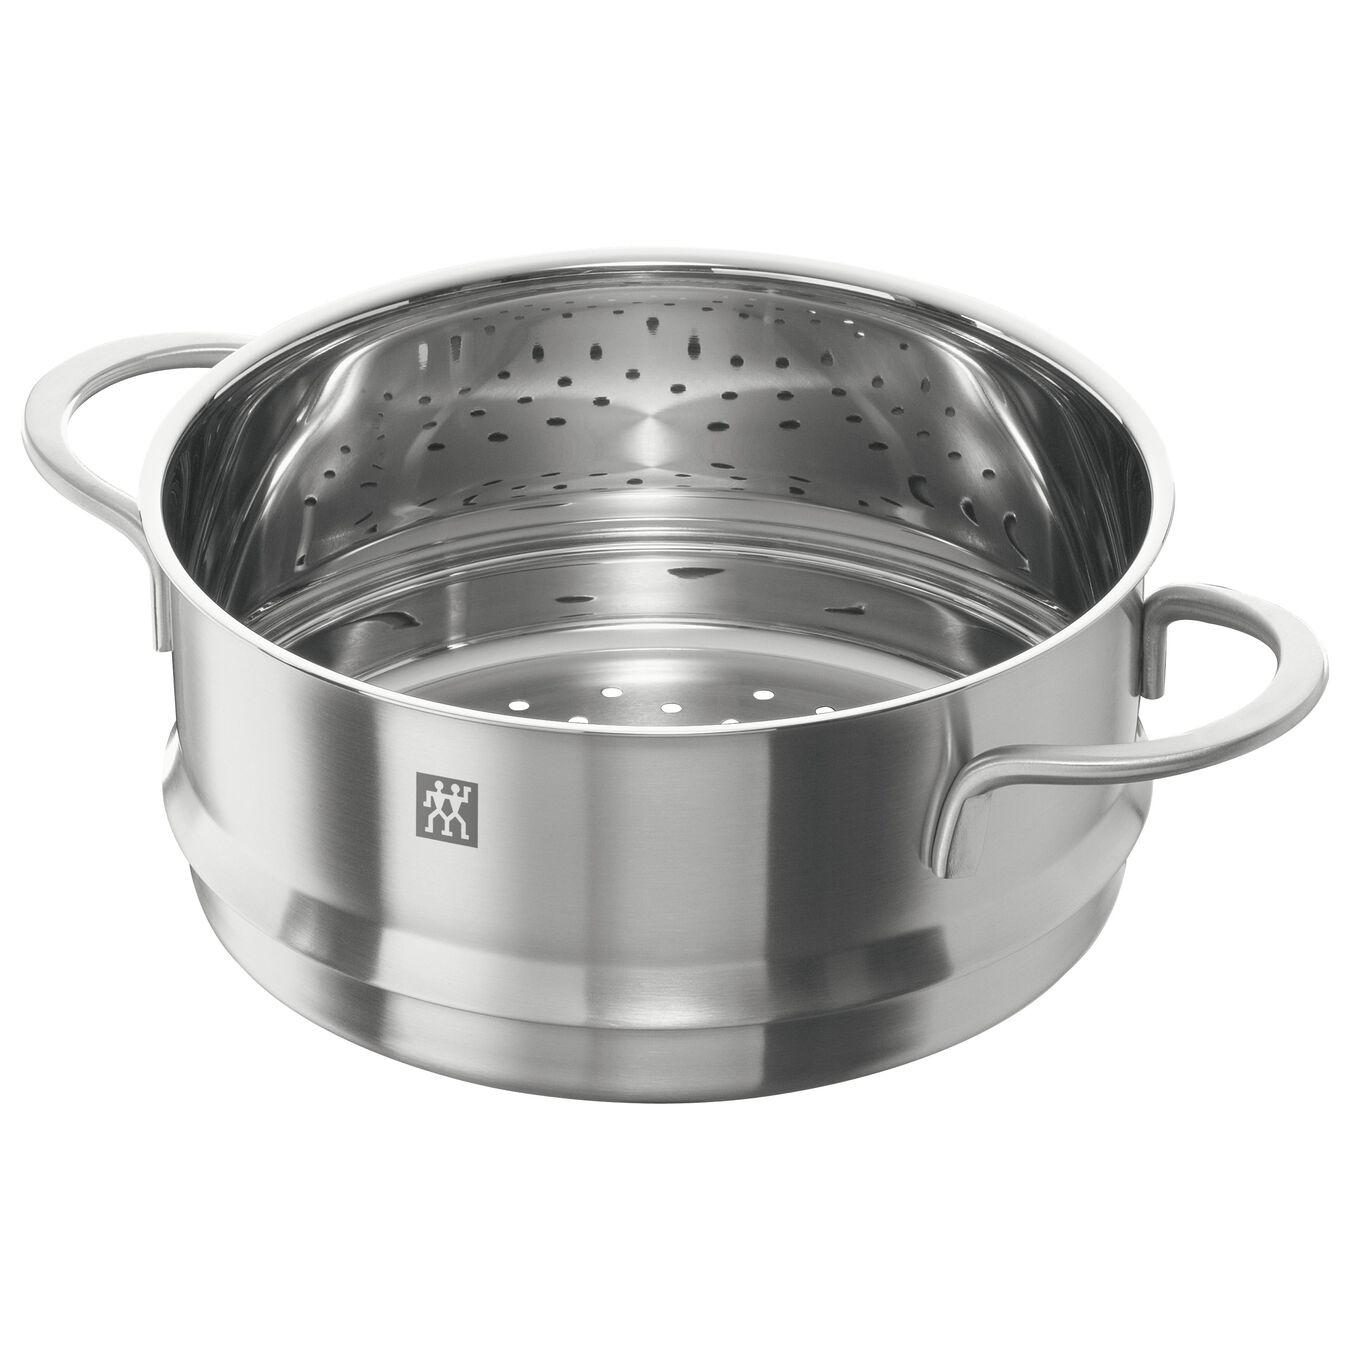 Passoire pour cuit vapeur 20 cm,,large 1